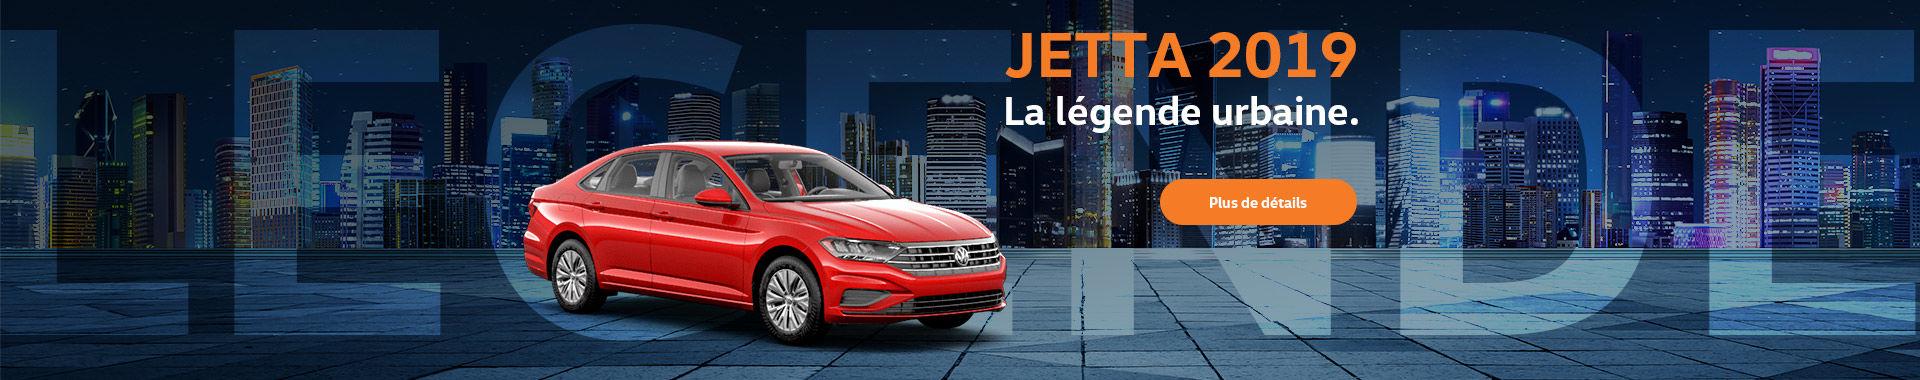 Jetta-2019-FR